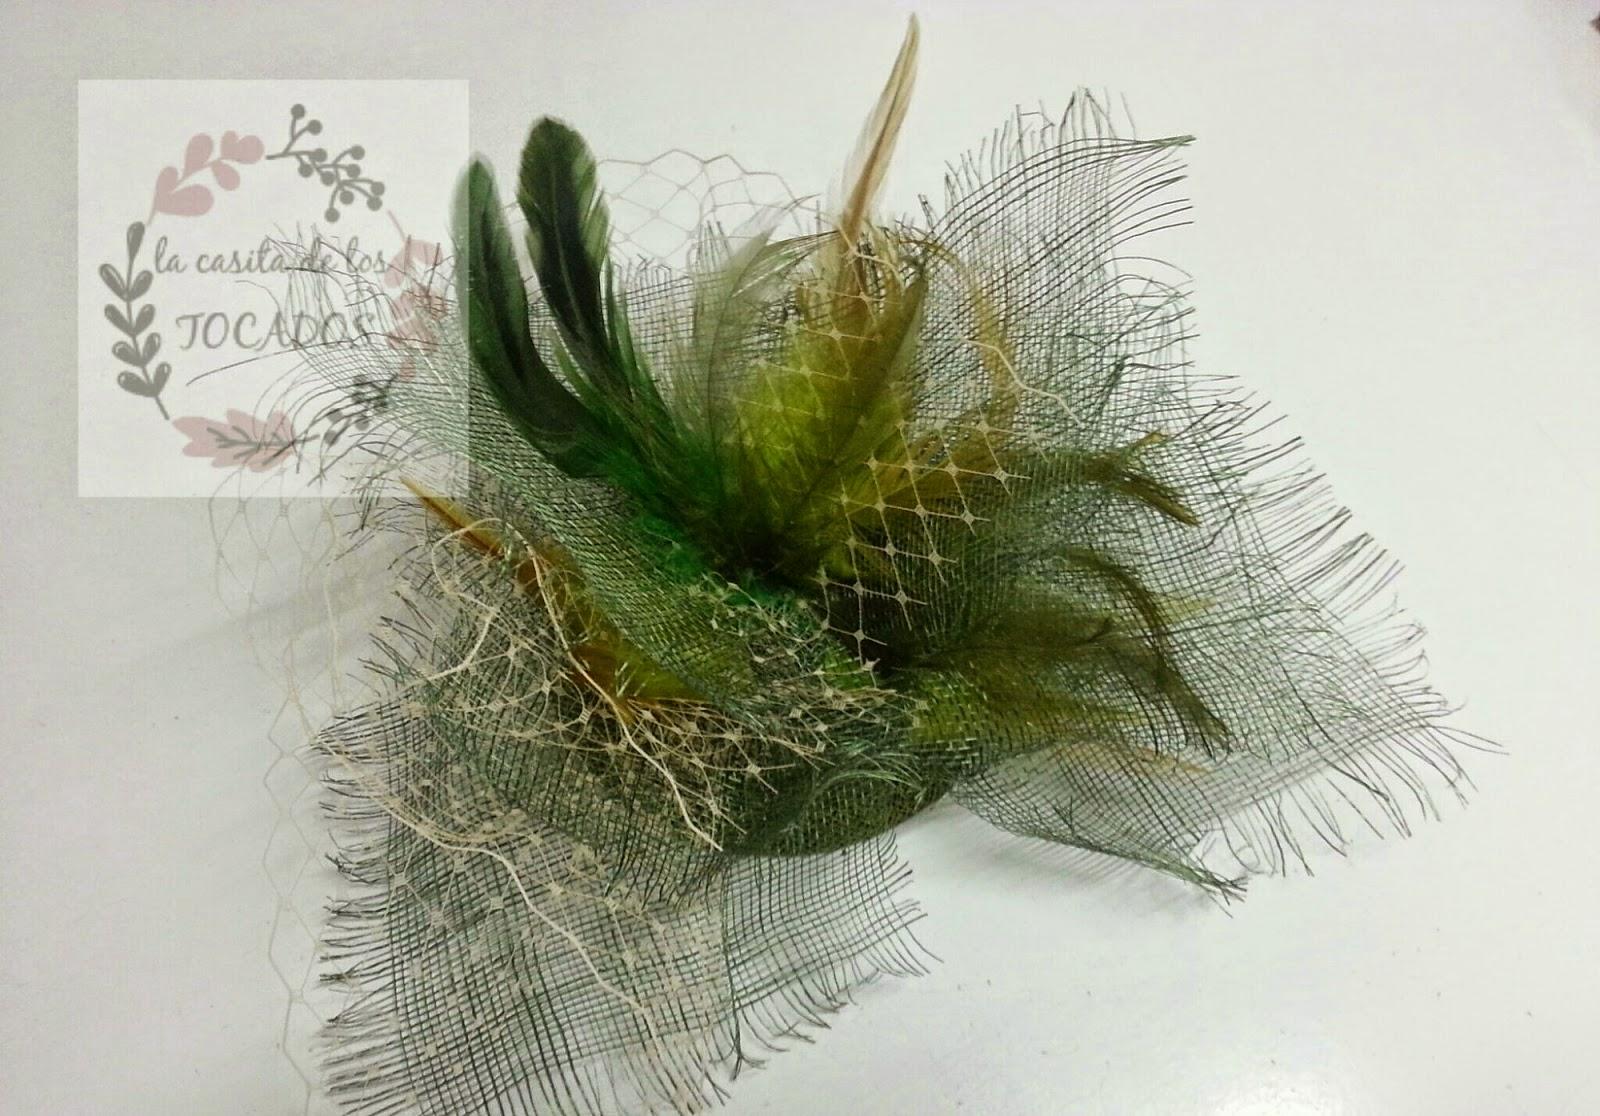 tocado de sinamay deshilachado en tonos verdes con velo y plumas